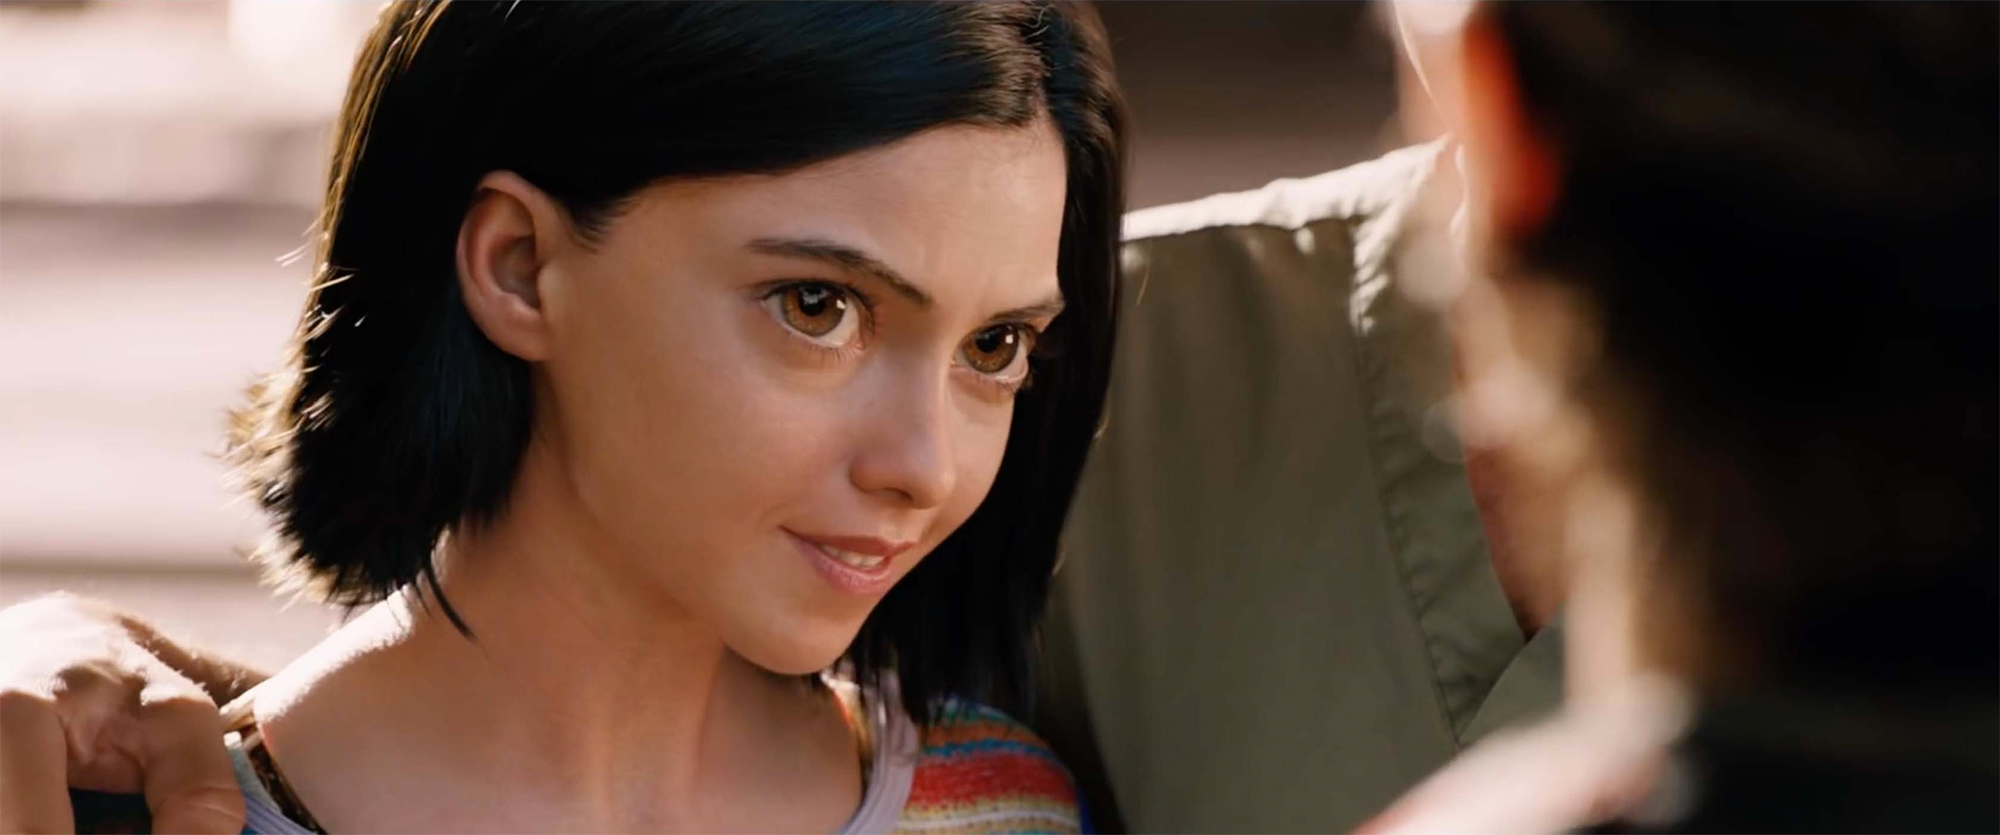 Imagen de la película Alita Battle Angel